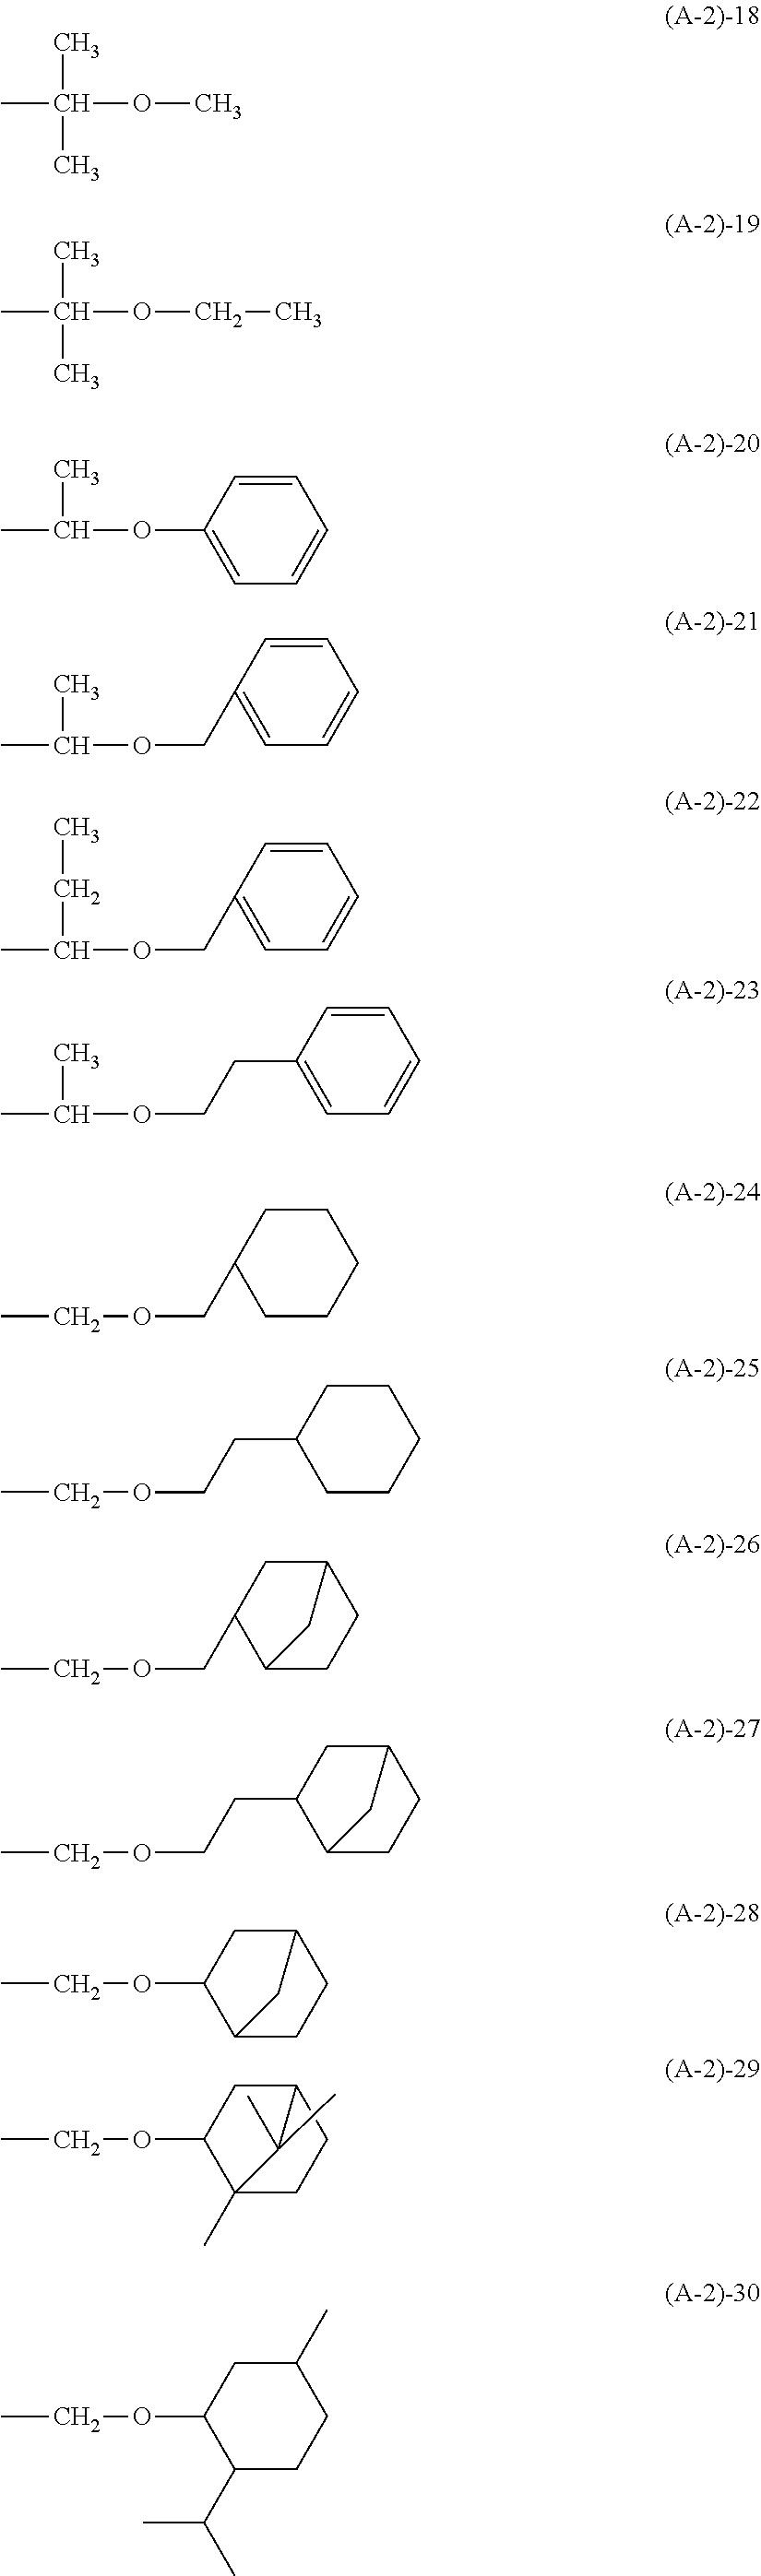 Figure US20110294070A1-20111201-C00020